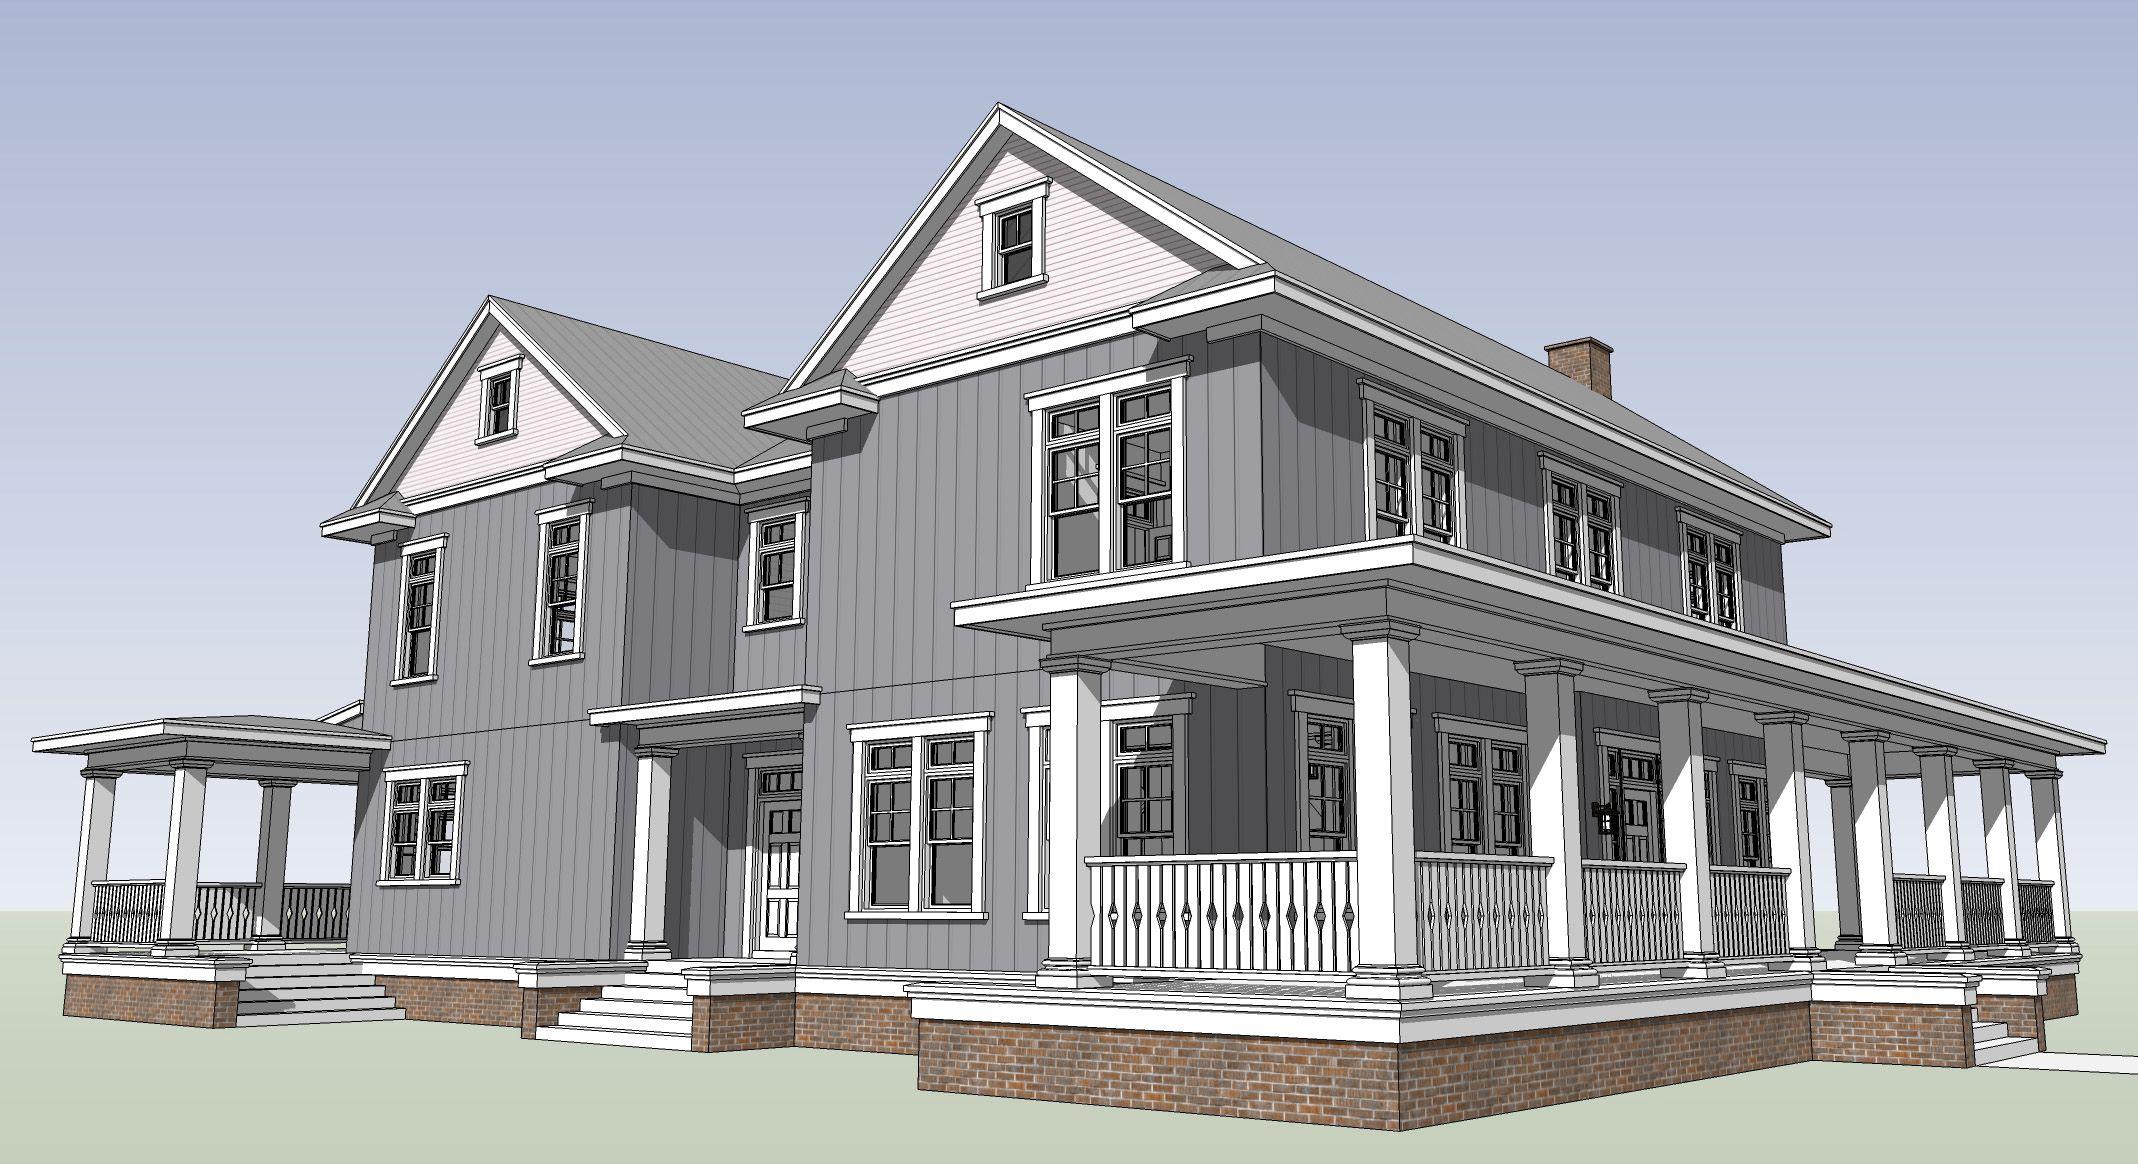 See Through 5 Bed Farmhouse Plan In 2020 Farmhouse Plans Country Style House Plans Farmhouse Style Bedrooms